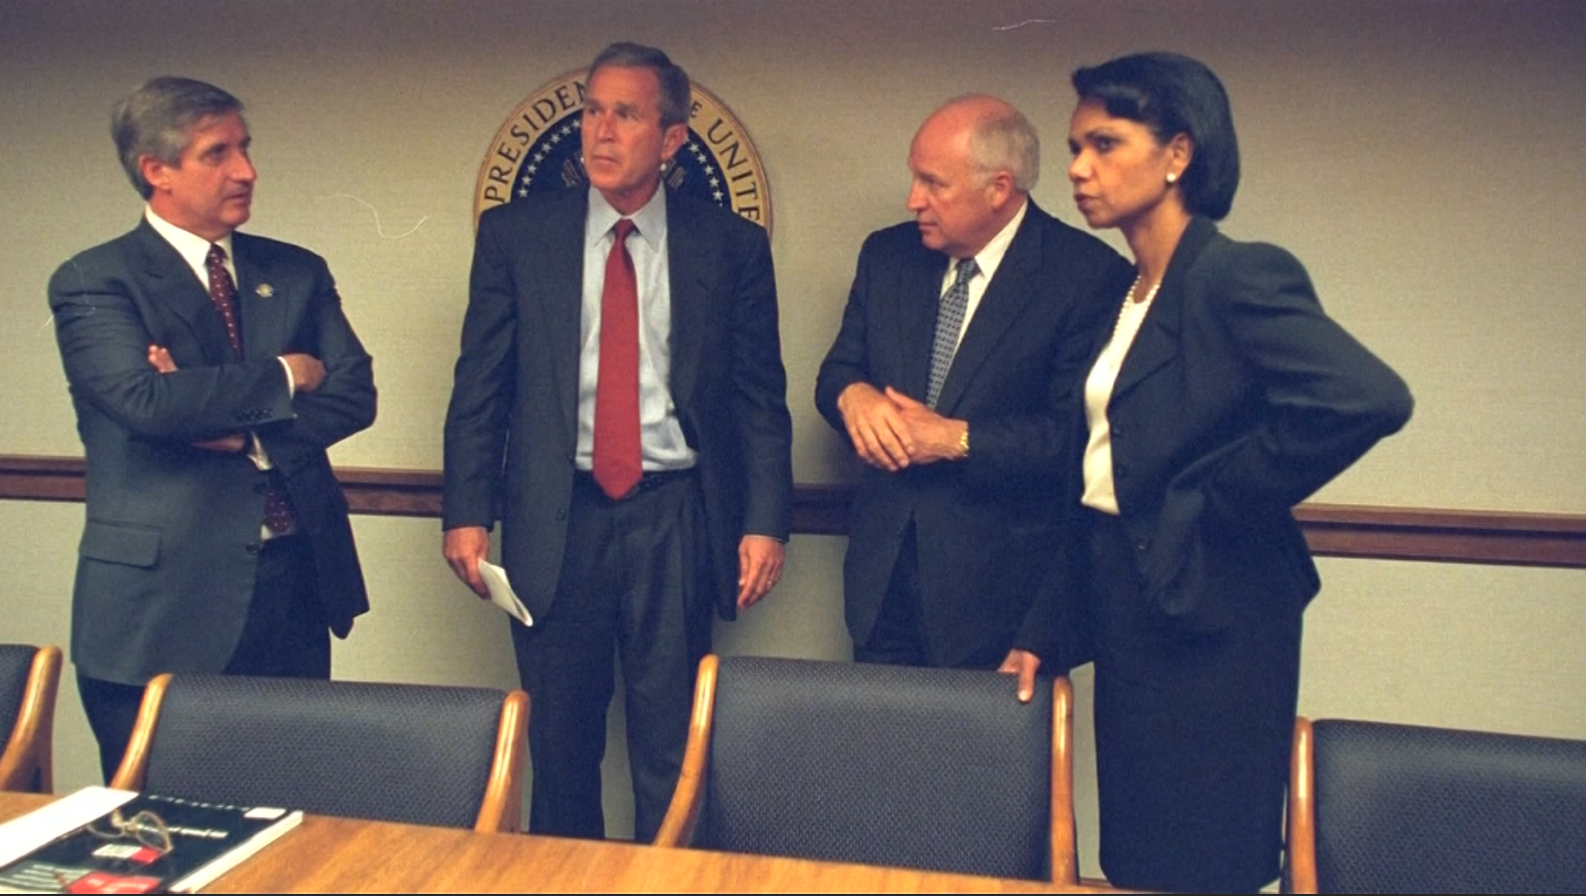 شاهد للمرة الأولى.. لحظات الصدمة والرعب على وجه بوش وإدارته في ١١ سبتمبر